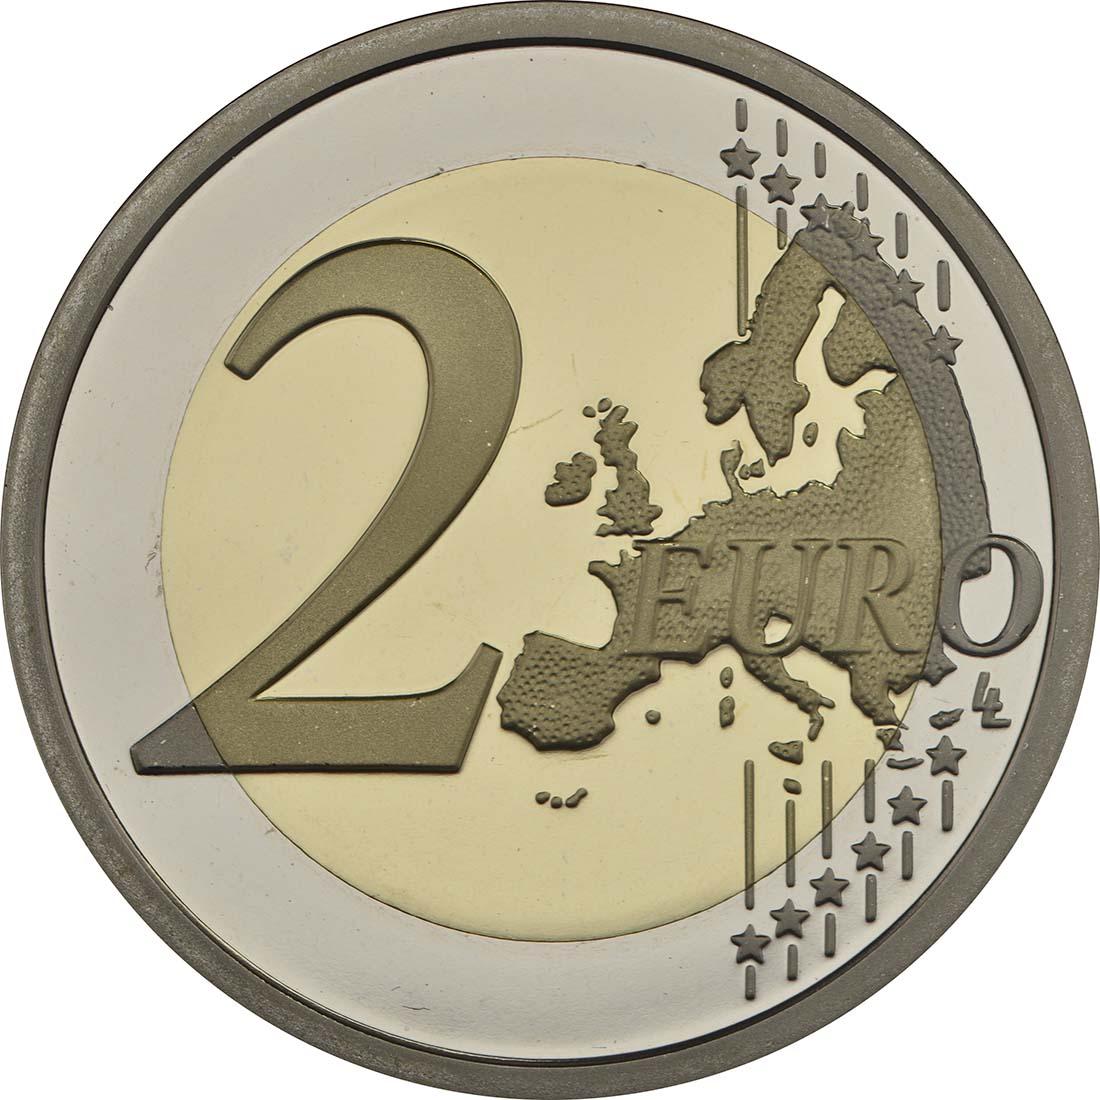 2 Euro Gedenkmünzen in Polierter Platte Qualität